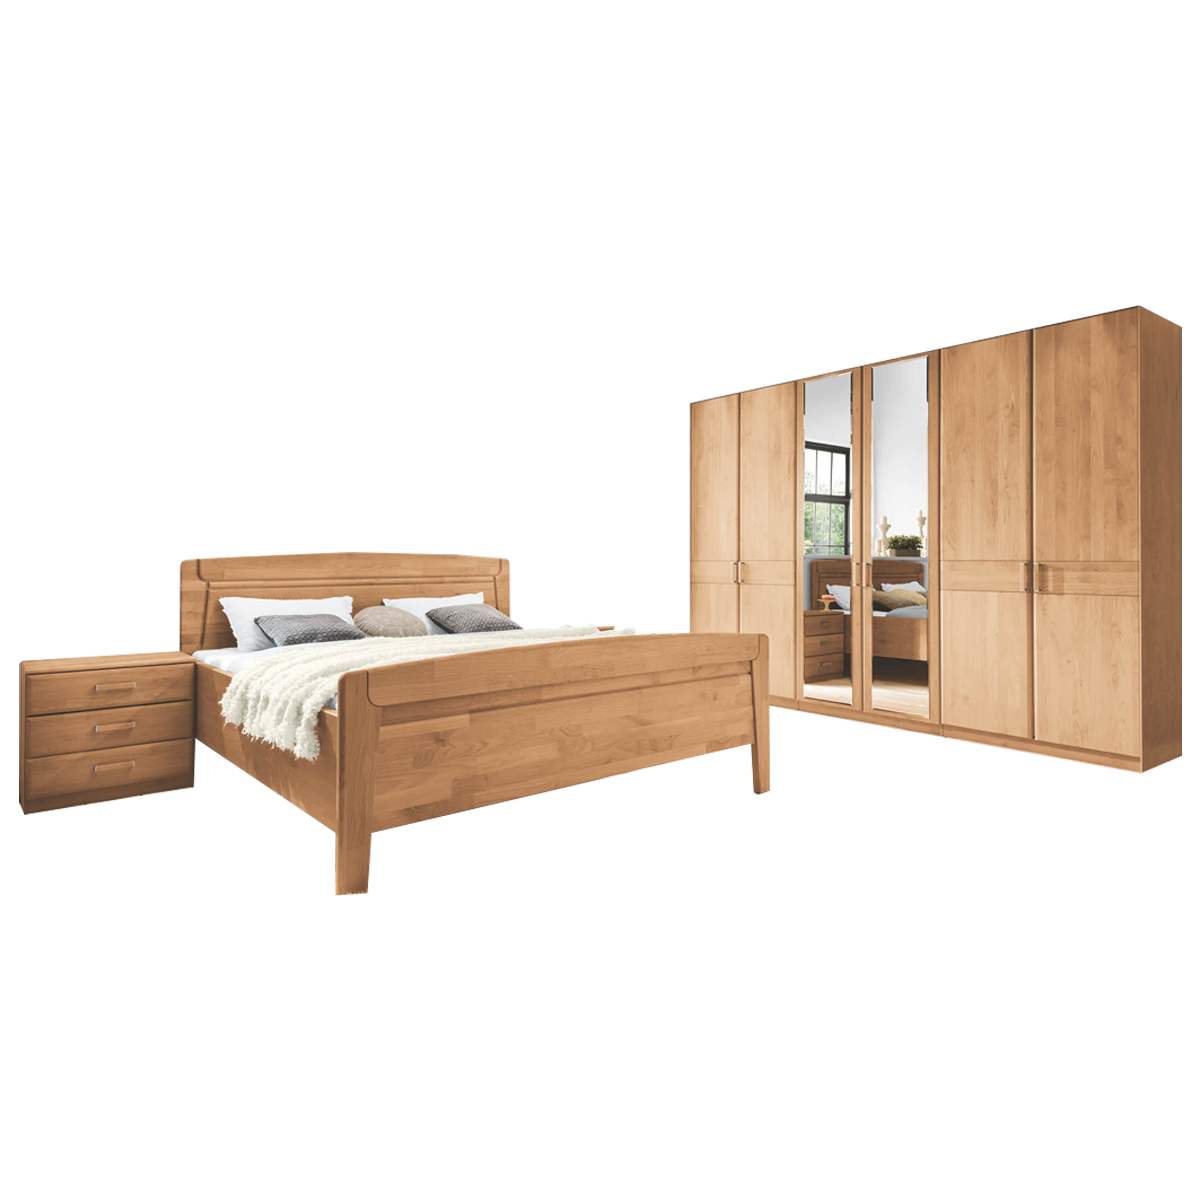 Wiemann Lausanne Schlafzimmer Bett Drehtürenschrank 18 Nachtschränke